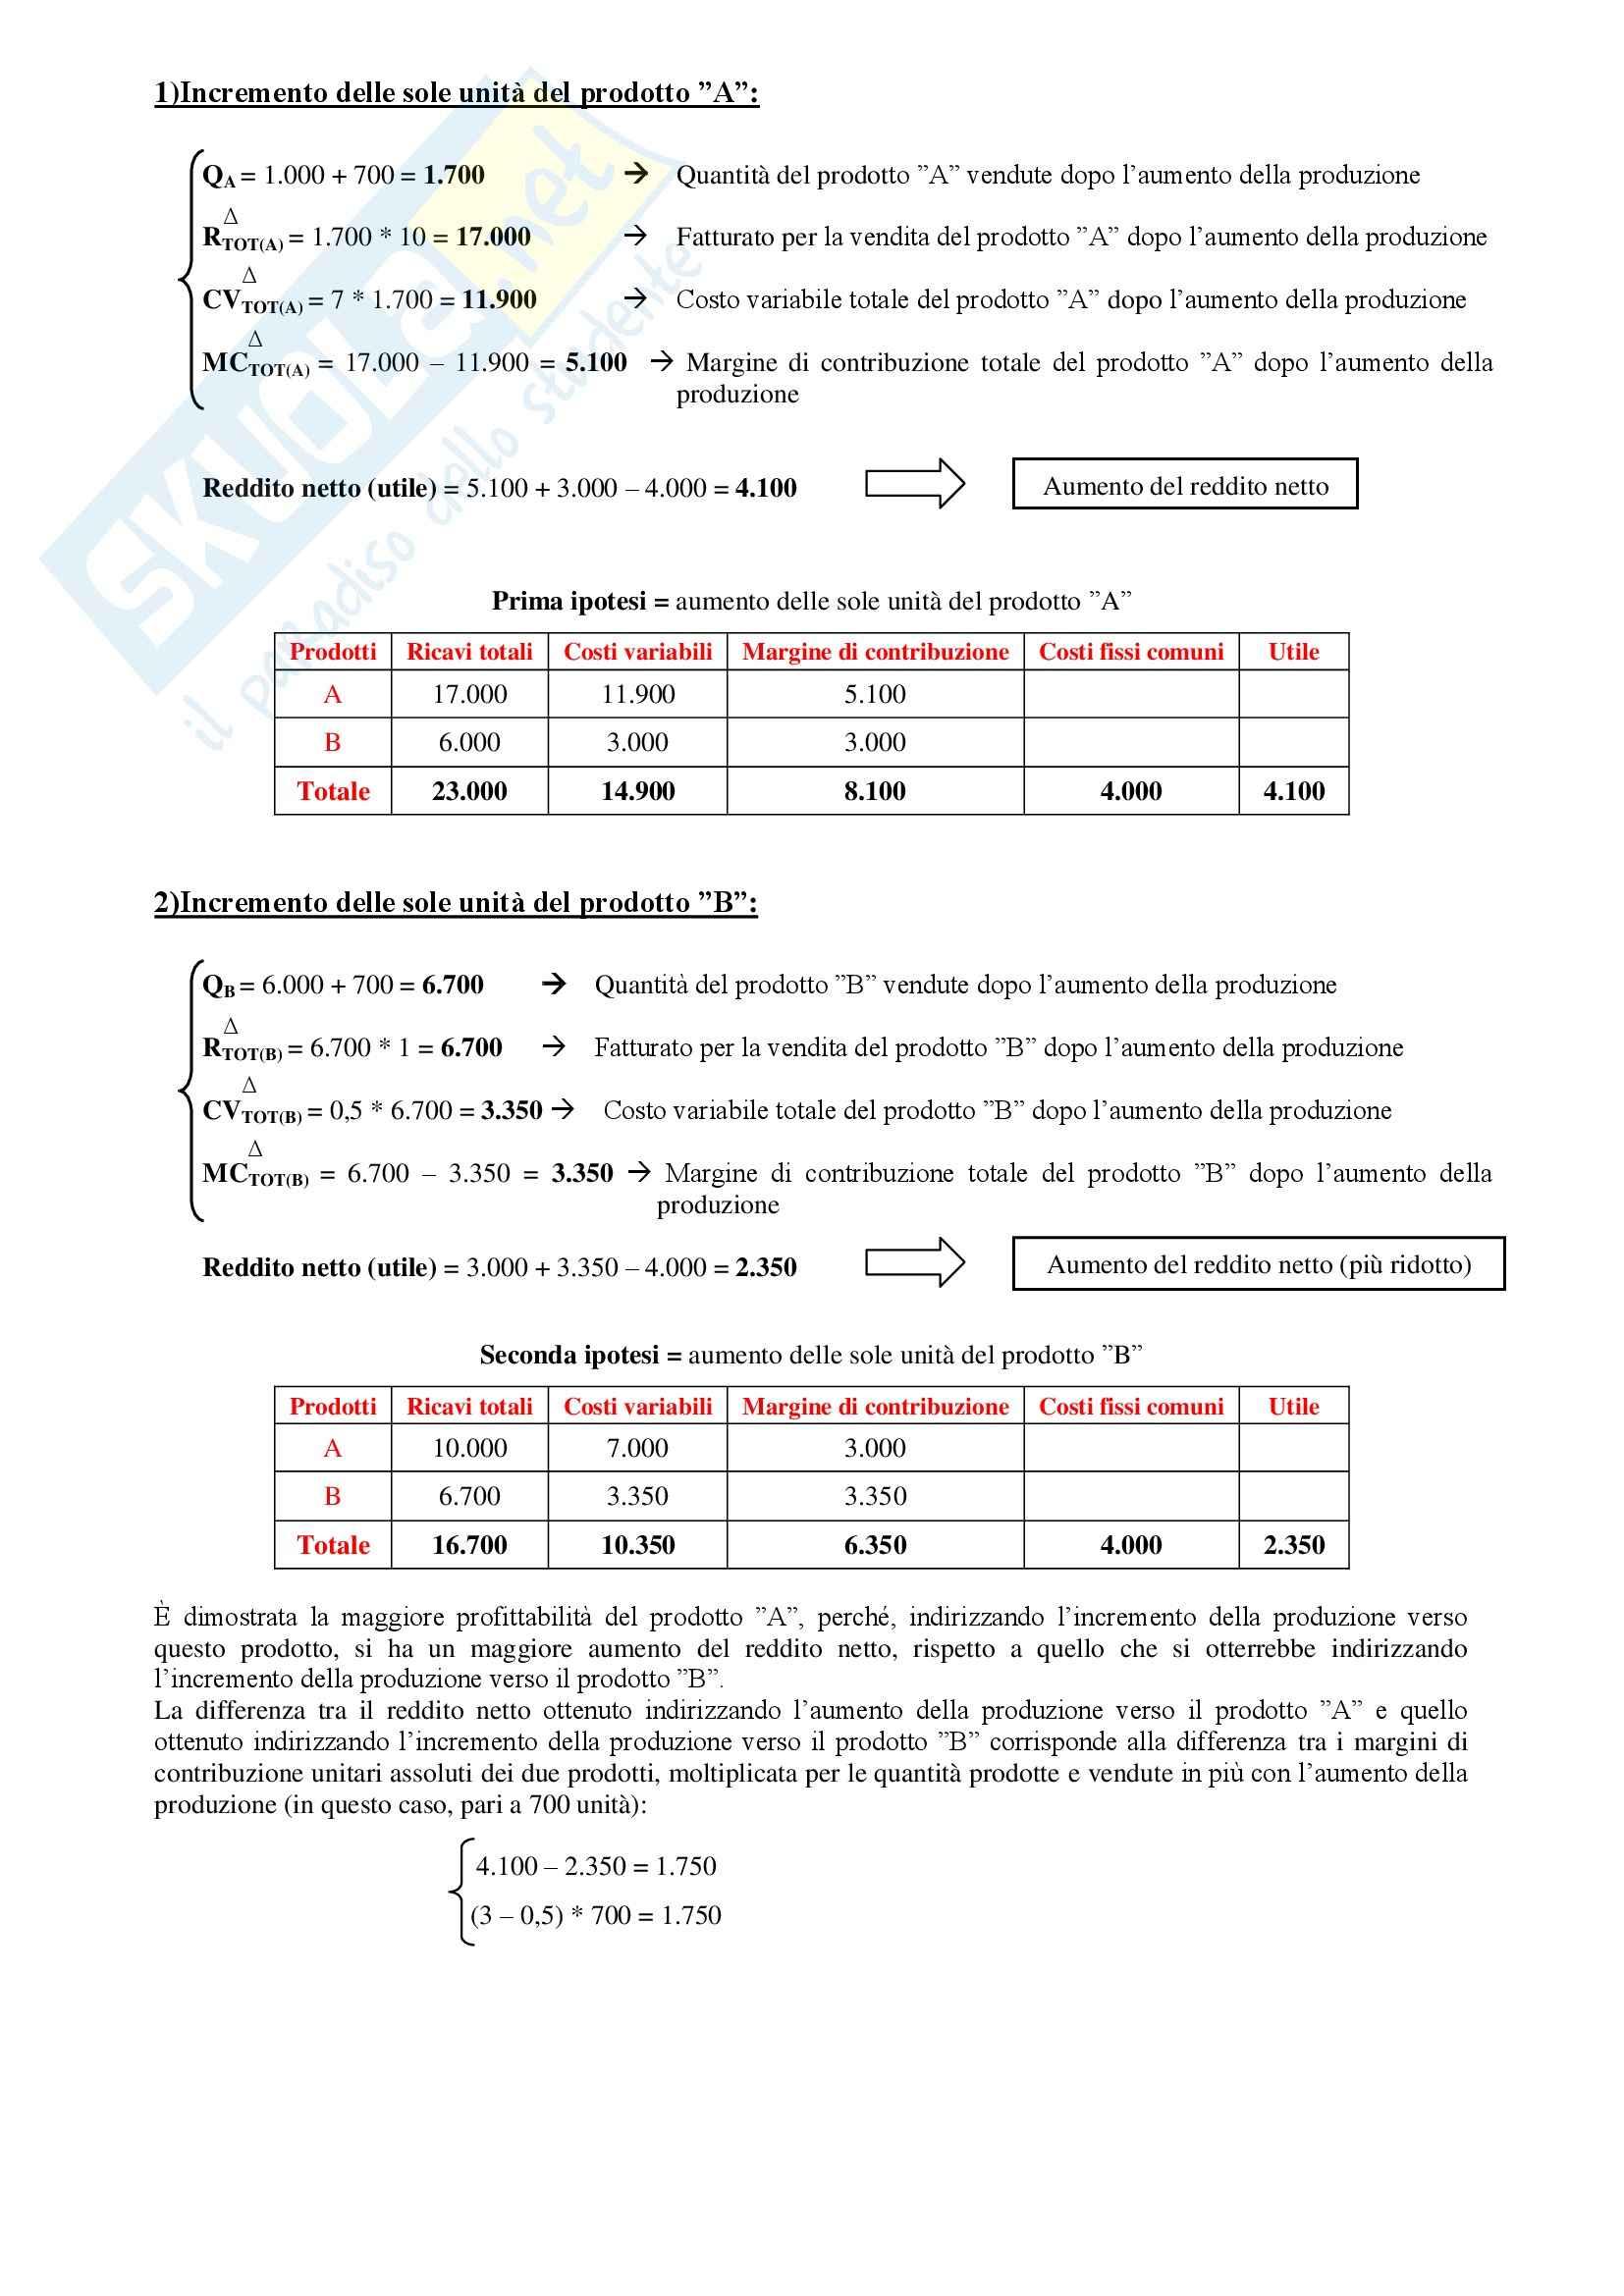 Contabilità generale e analitica - Riassunto esame tutto il programma, prof. Verdini Pag. 36